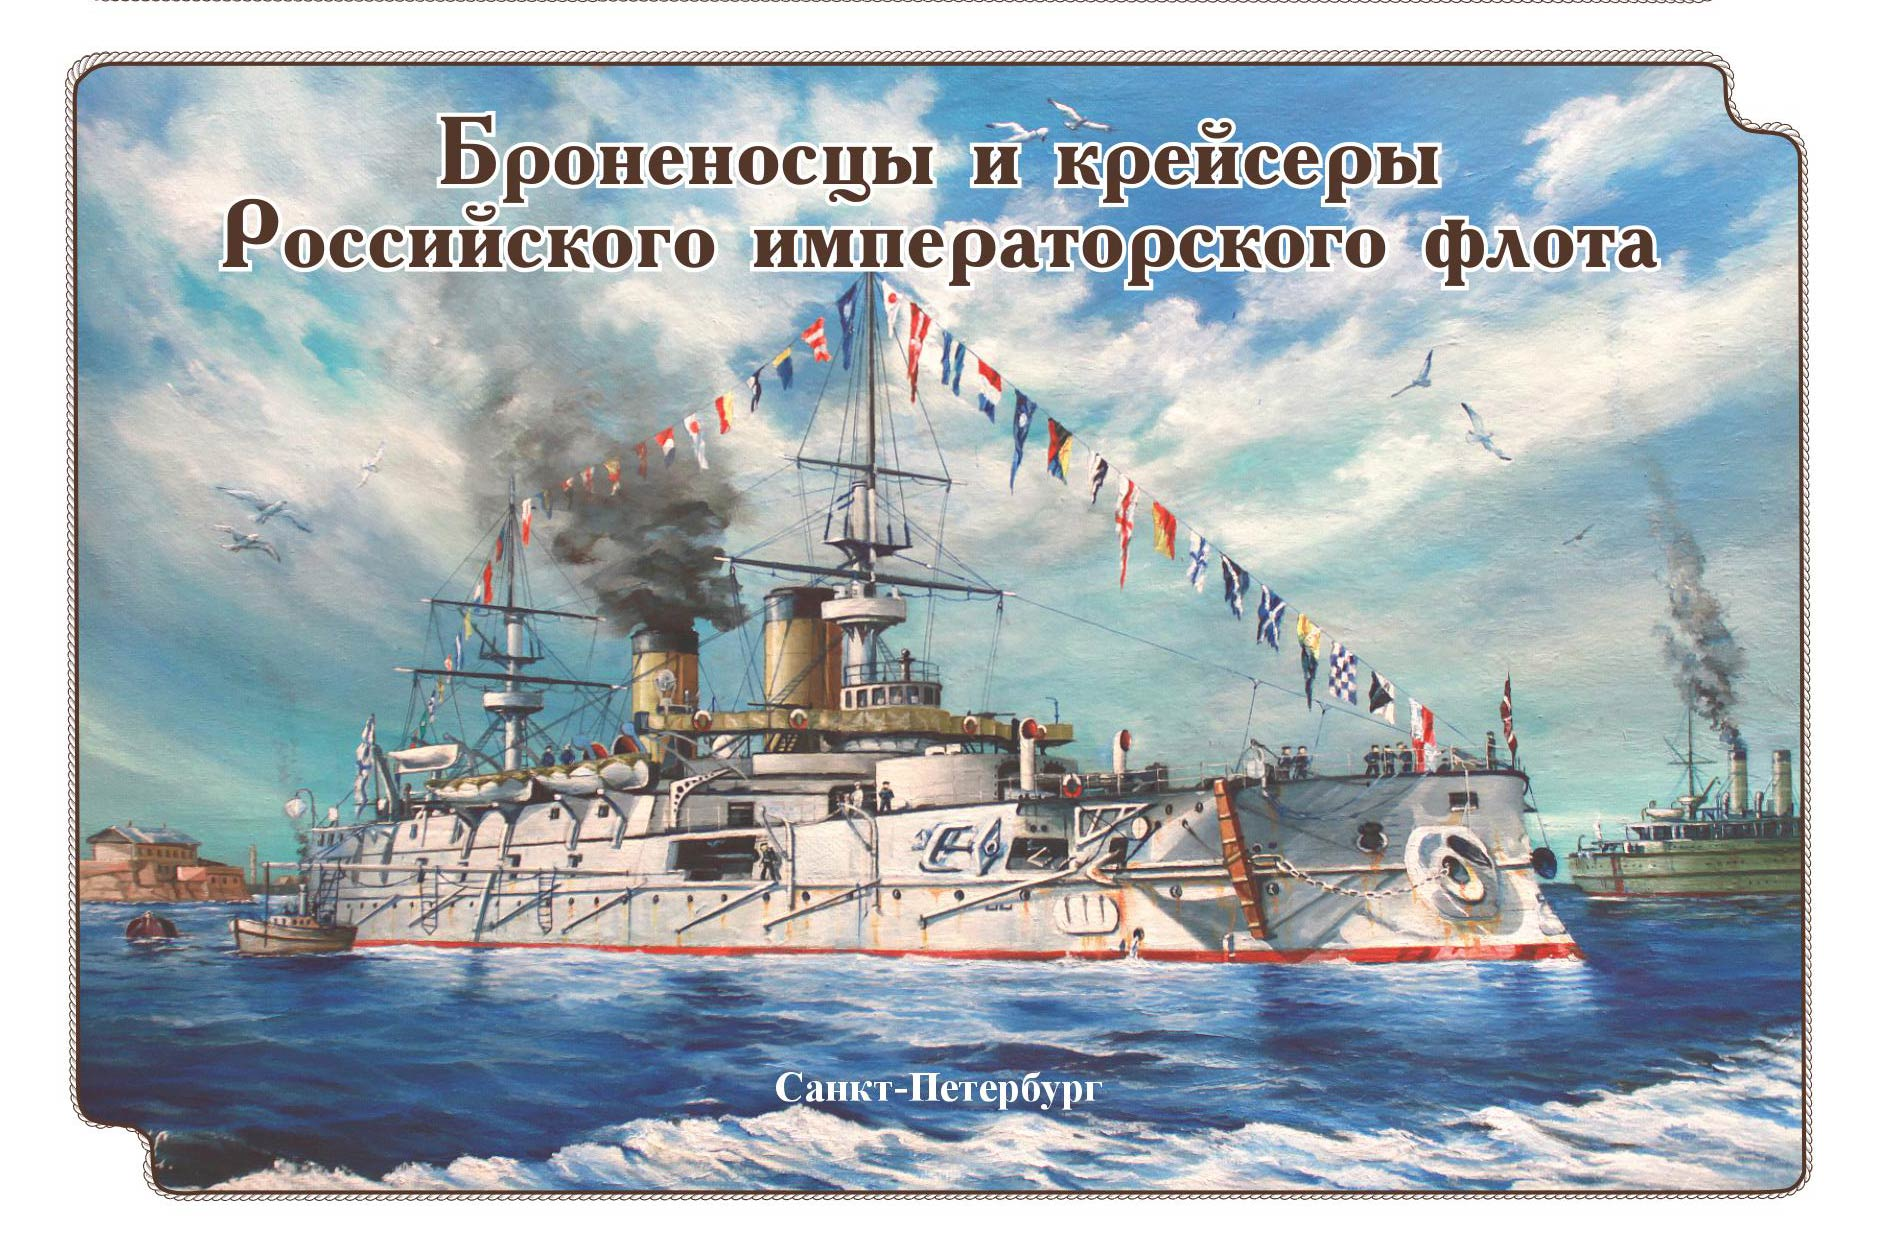 Открытка Броненосцы и крейсеры Российского императорского флота. Набор открыток кэпстик крис александр великий пёс